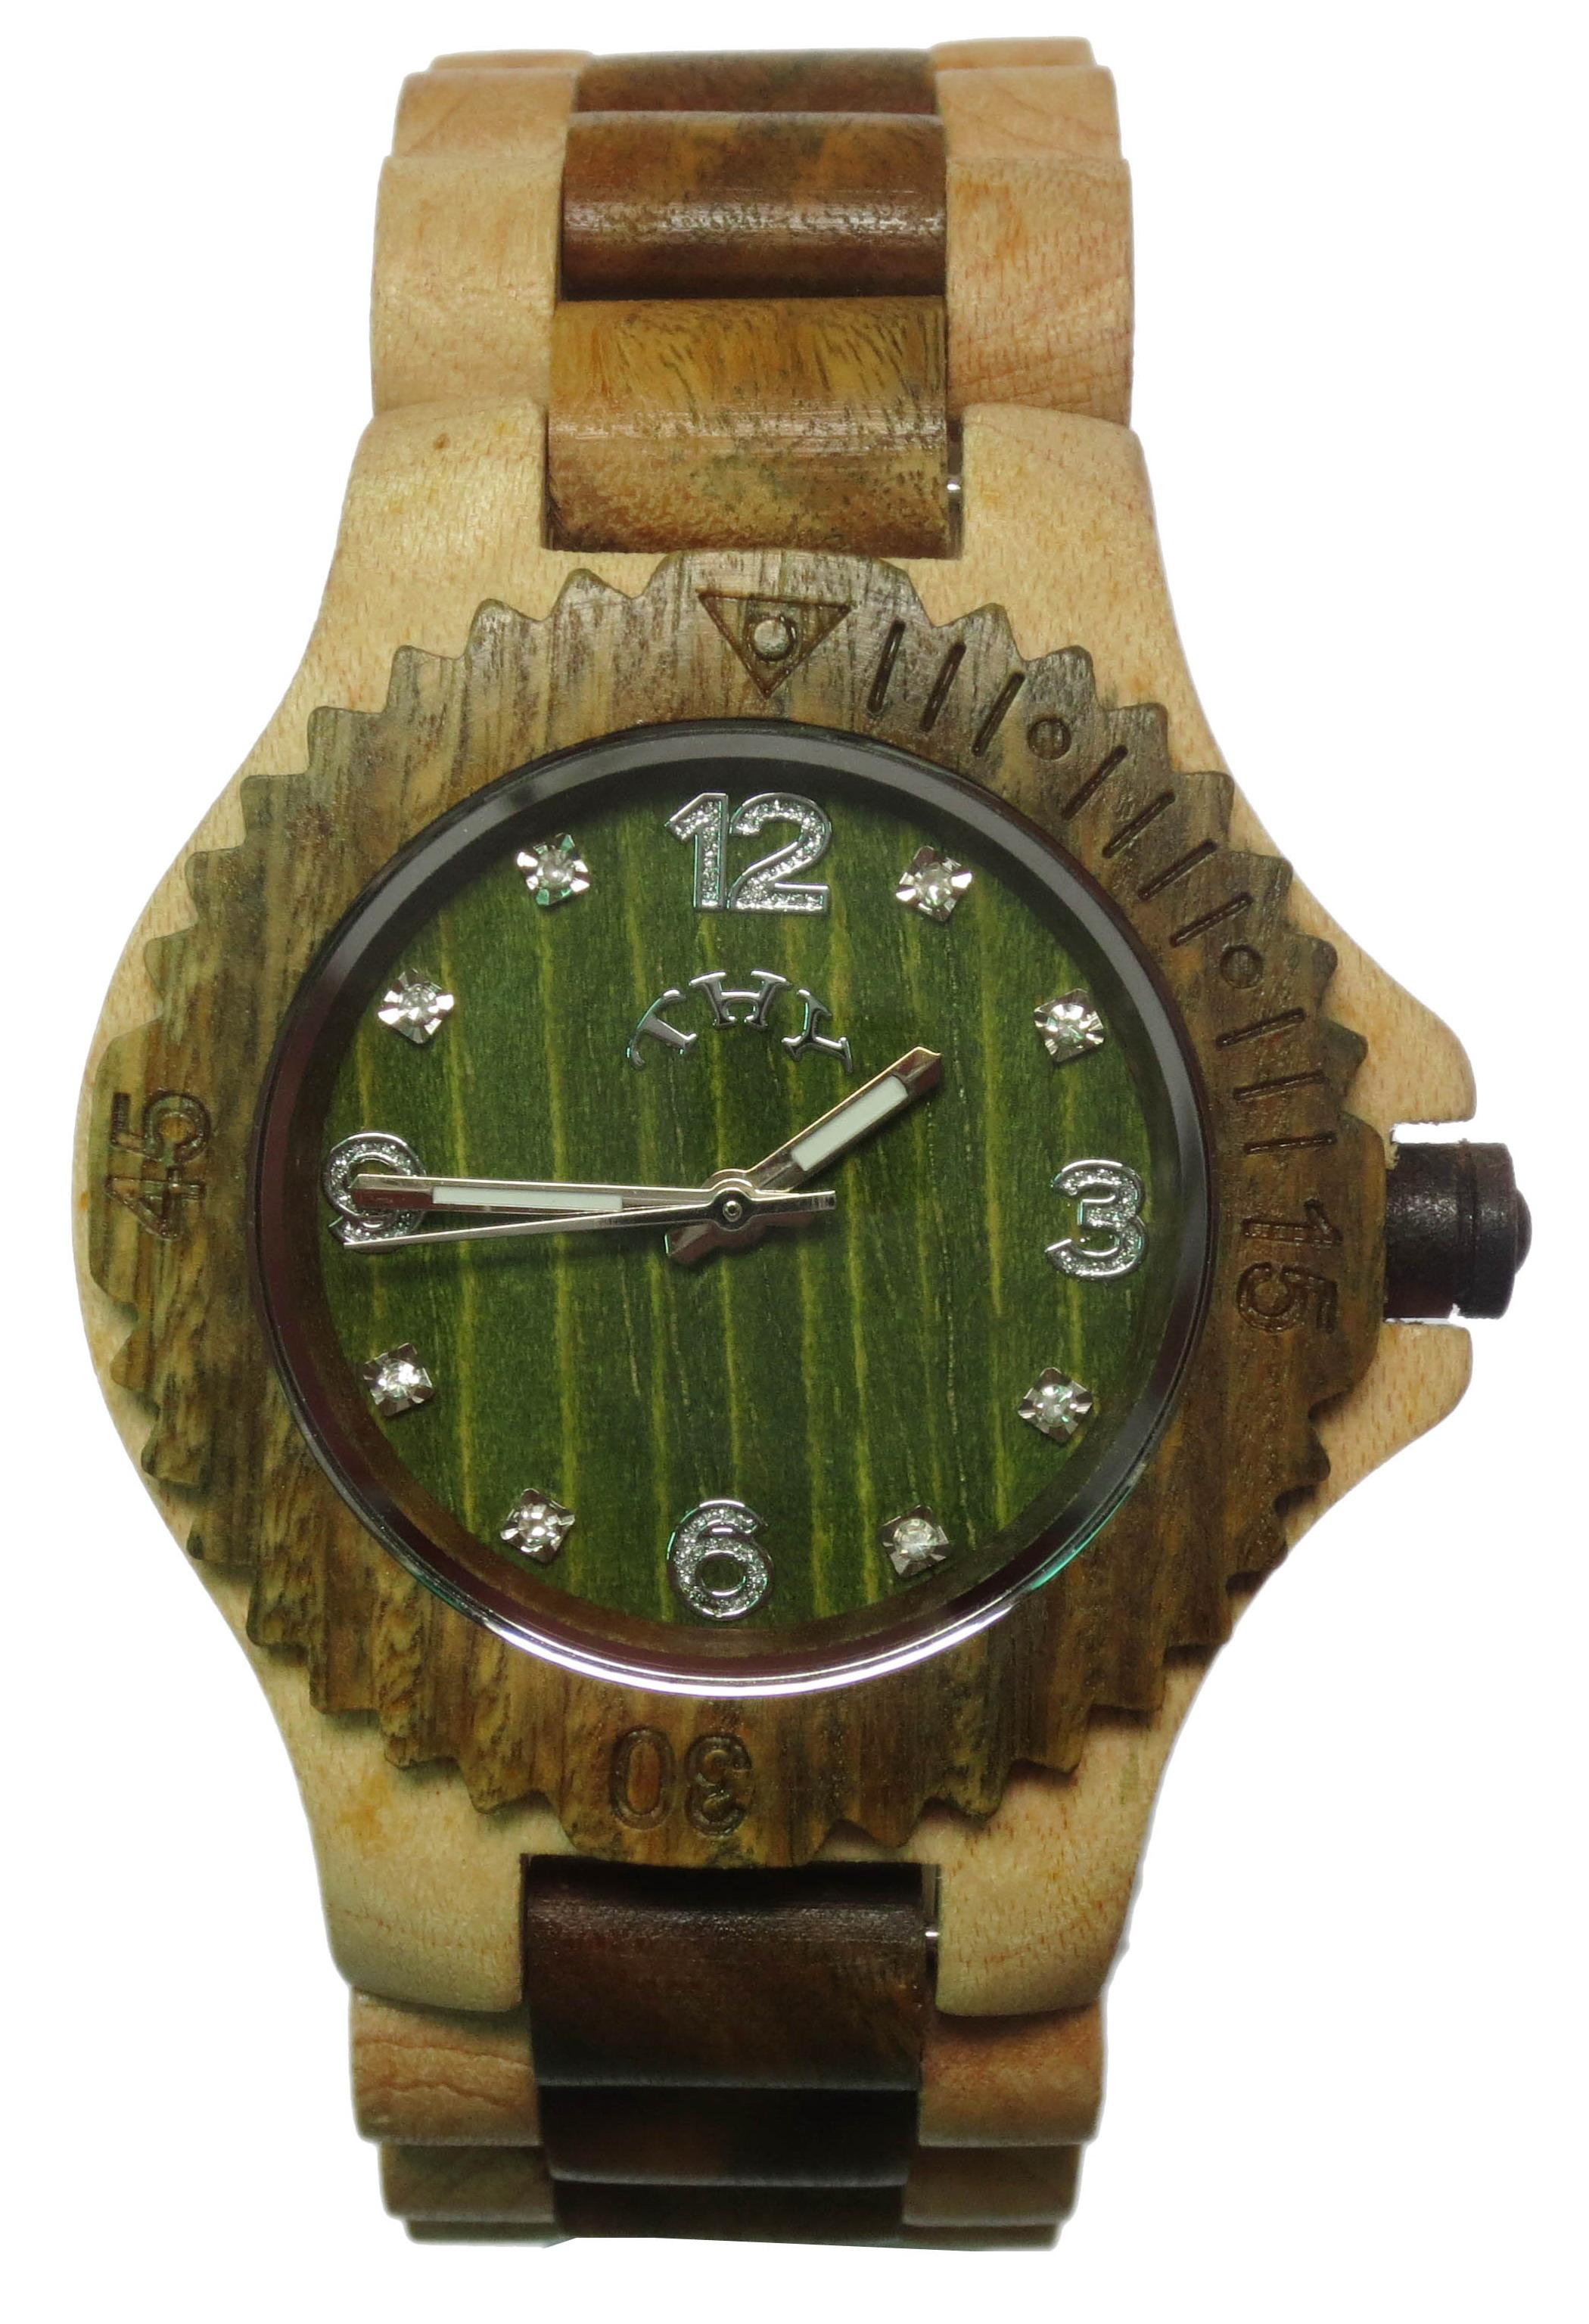 Replique Jaune et brun 2 tons cadran rond vert montres en bois des hommes avec 40 MM taille W00018